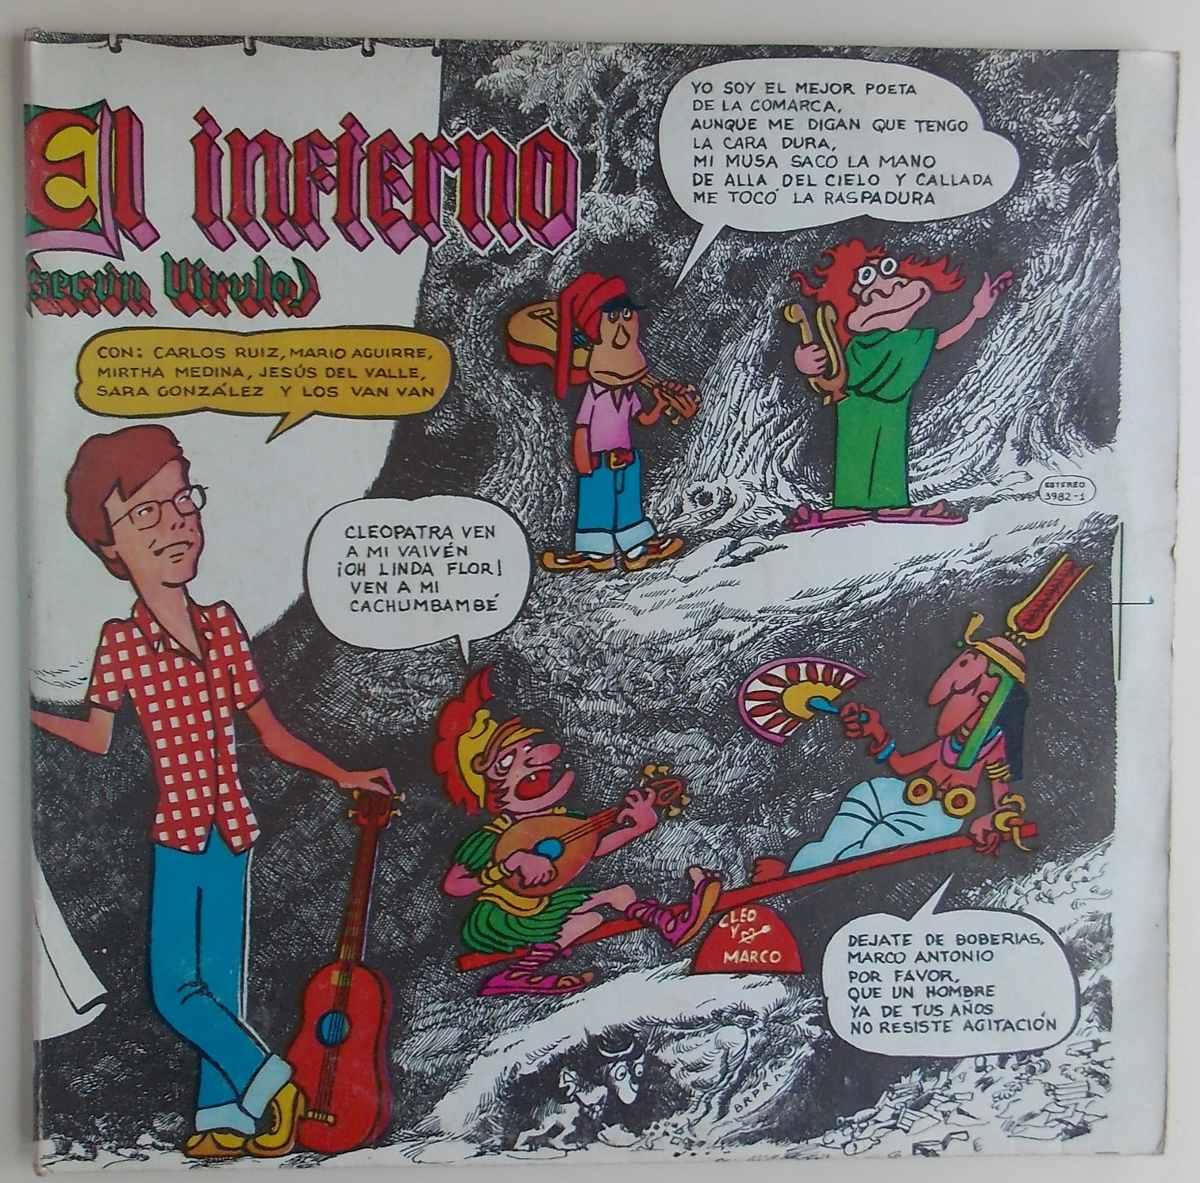 El Infierno Segun Virulo. Album Doble. Vinilo - $ 600,00 en Mercado ...